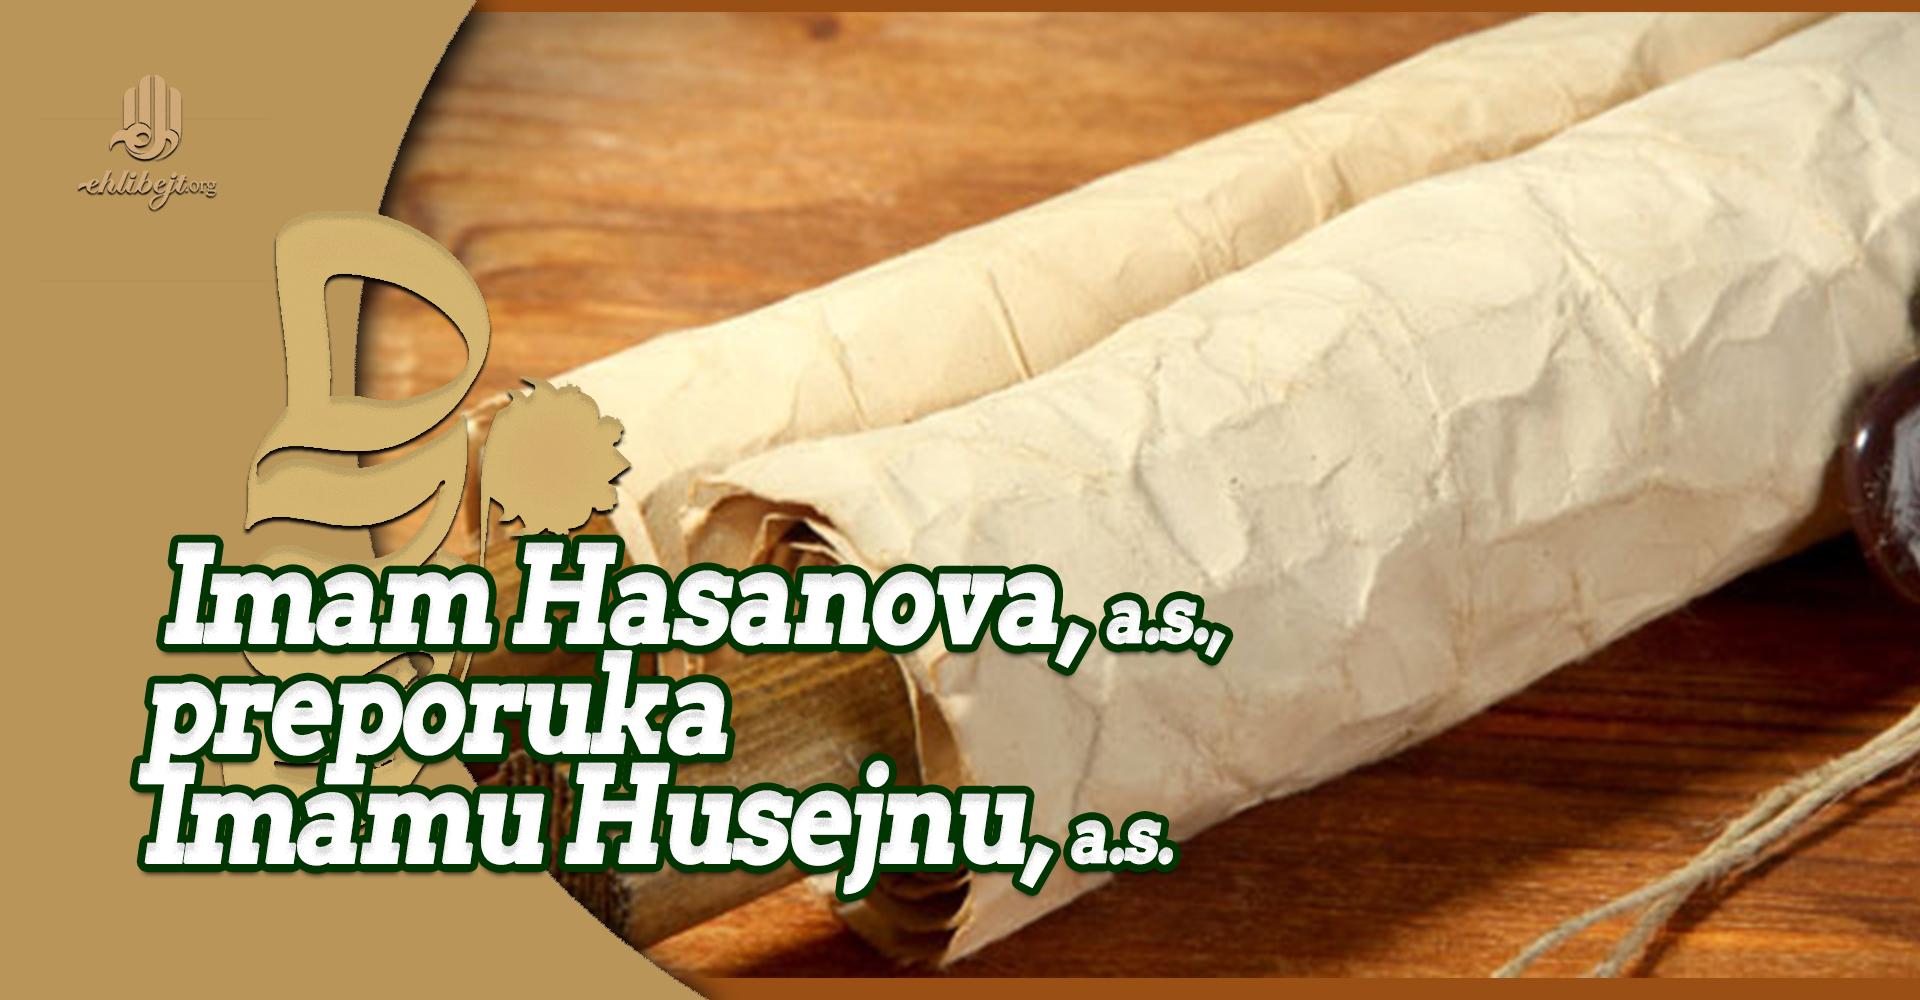 Imam Hasanova, a.s., preporuka Imamu Husejnu, a.s.